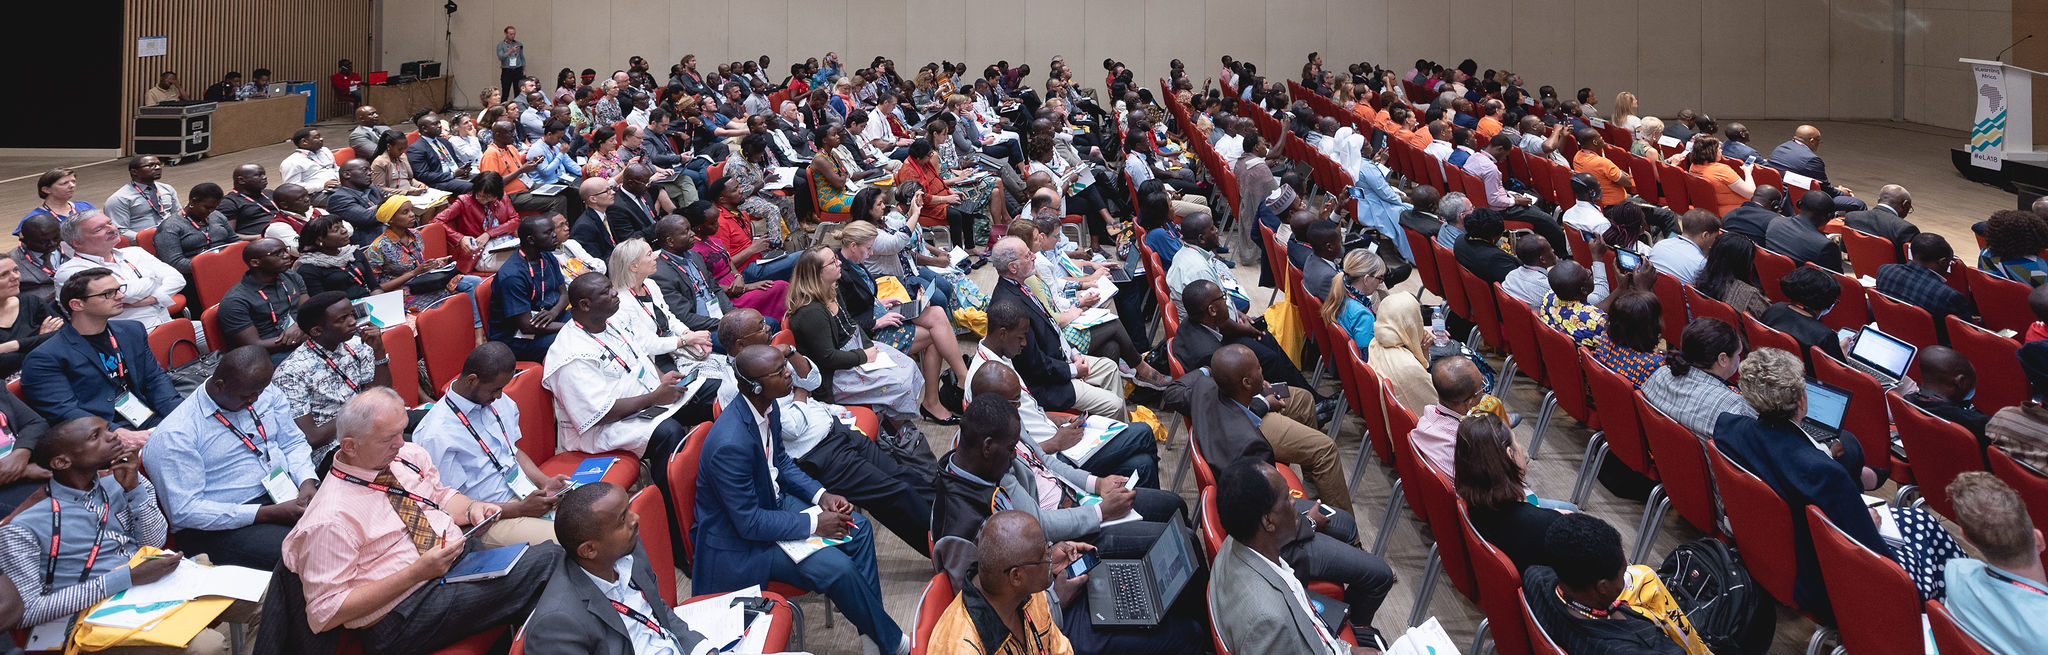 L'éducation et la technologie sont en train de transformer l'Afrique : compétences pour l'ère numérique et pour tous